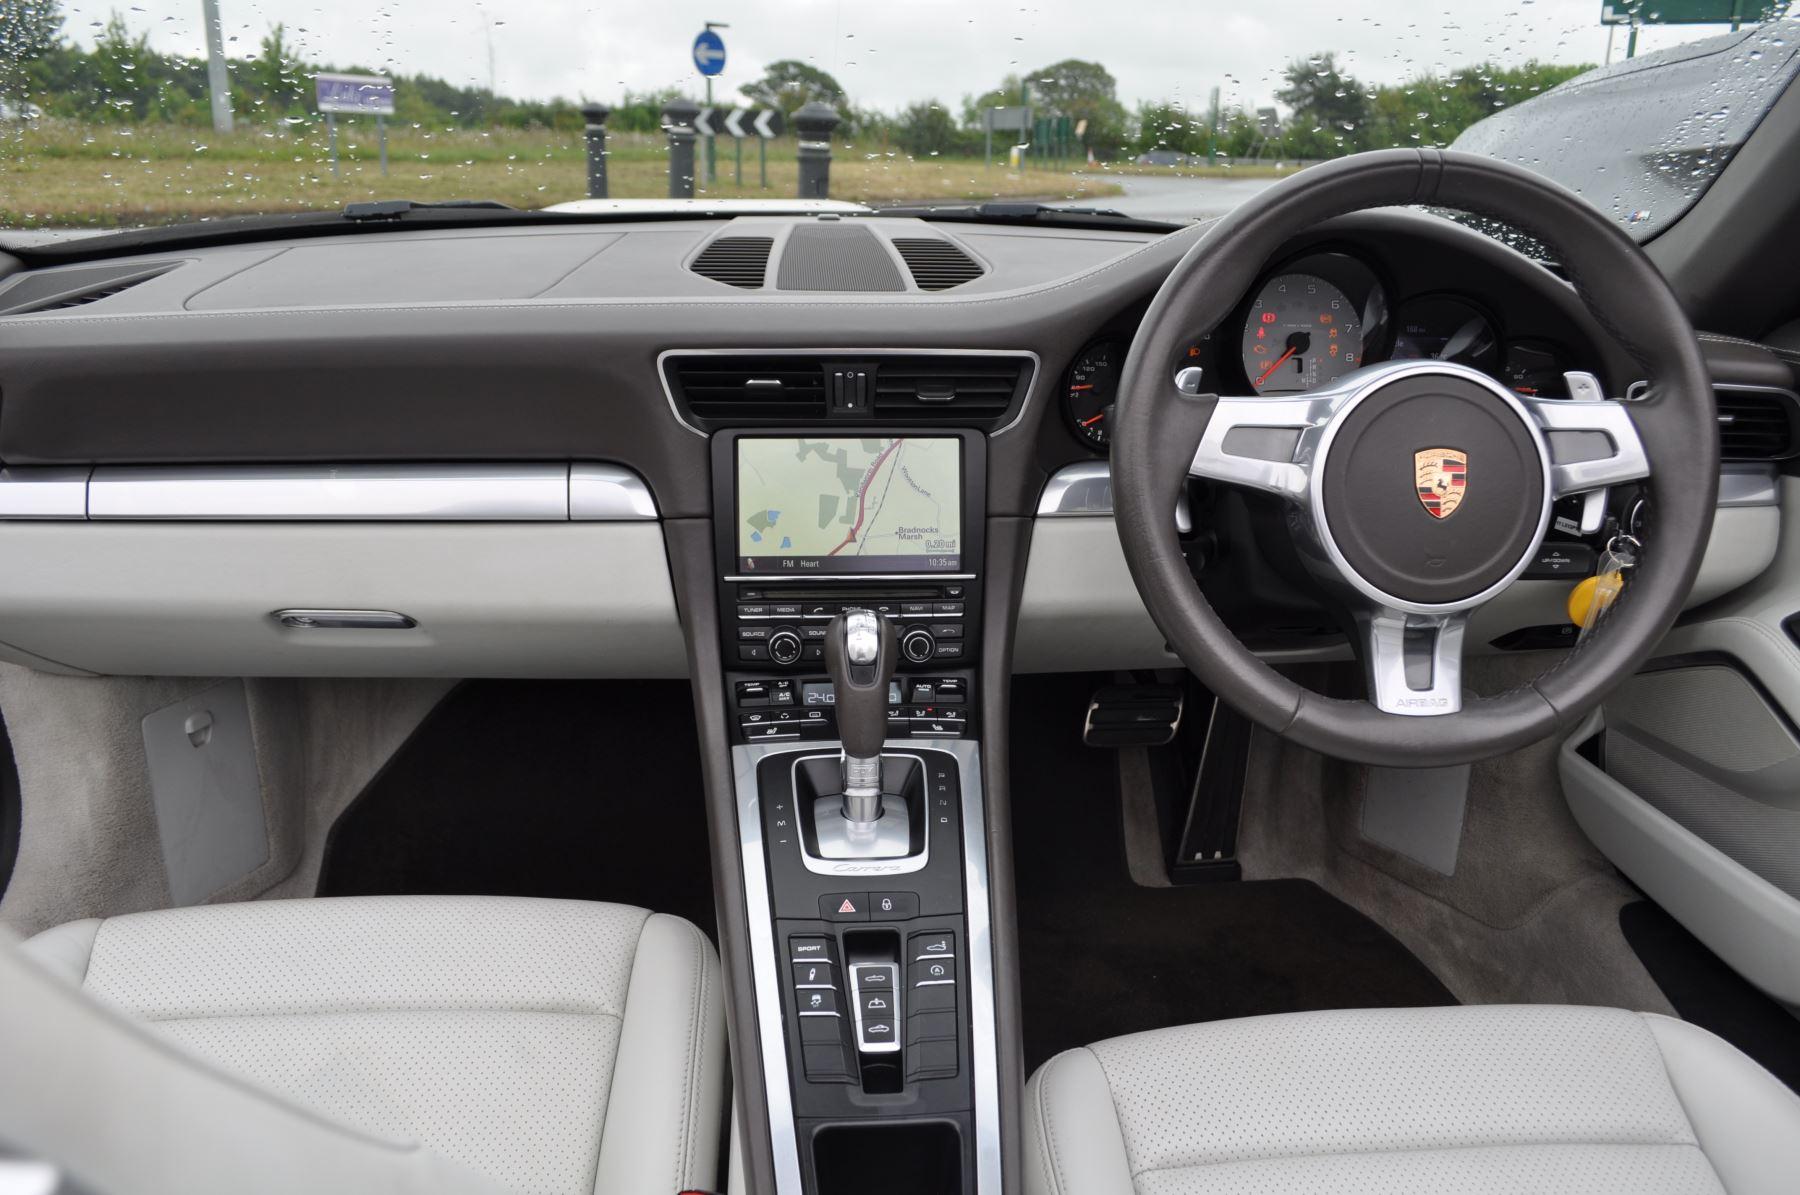 Porsche 911 S 2dr PDK image 11